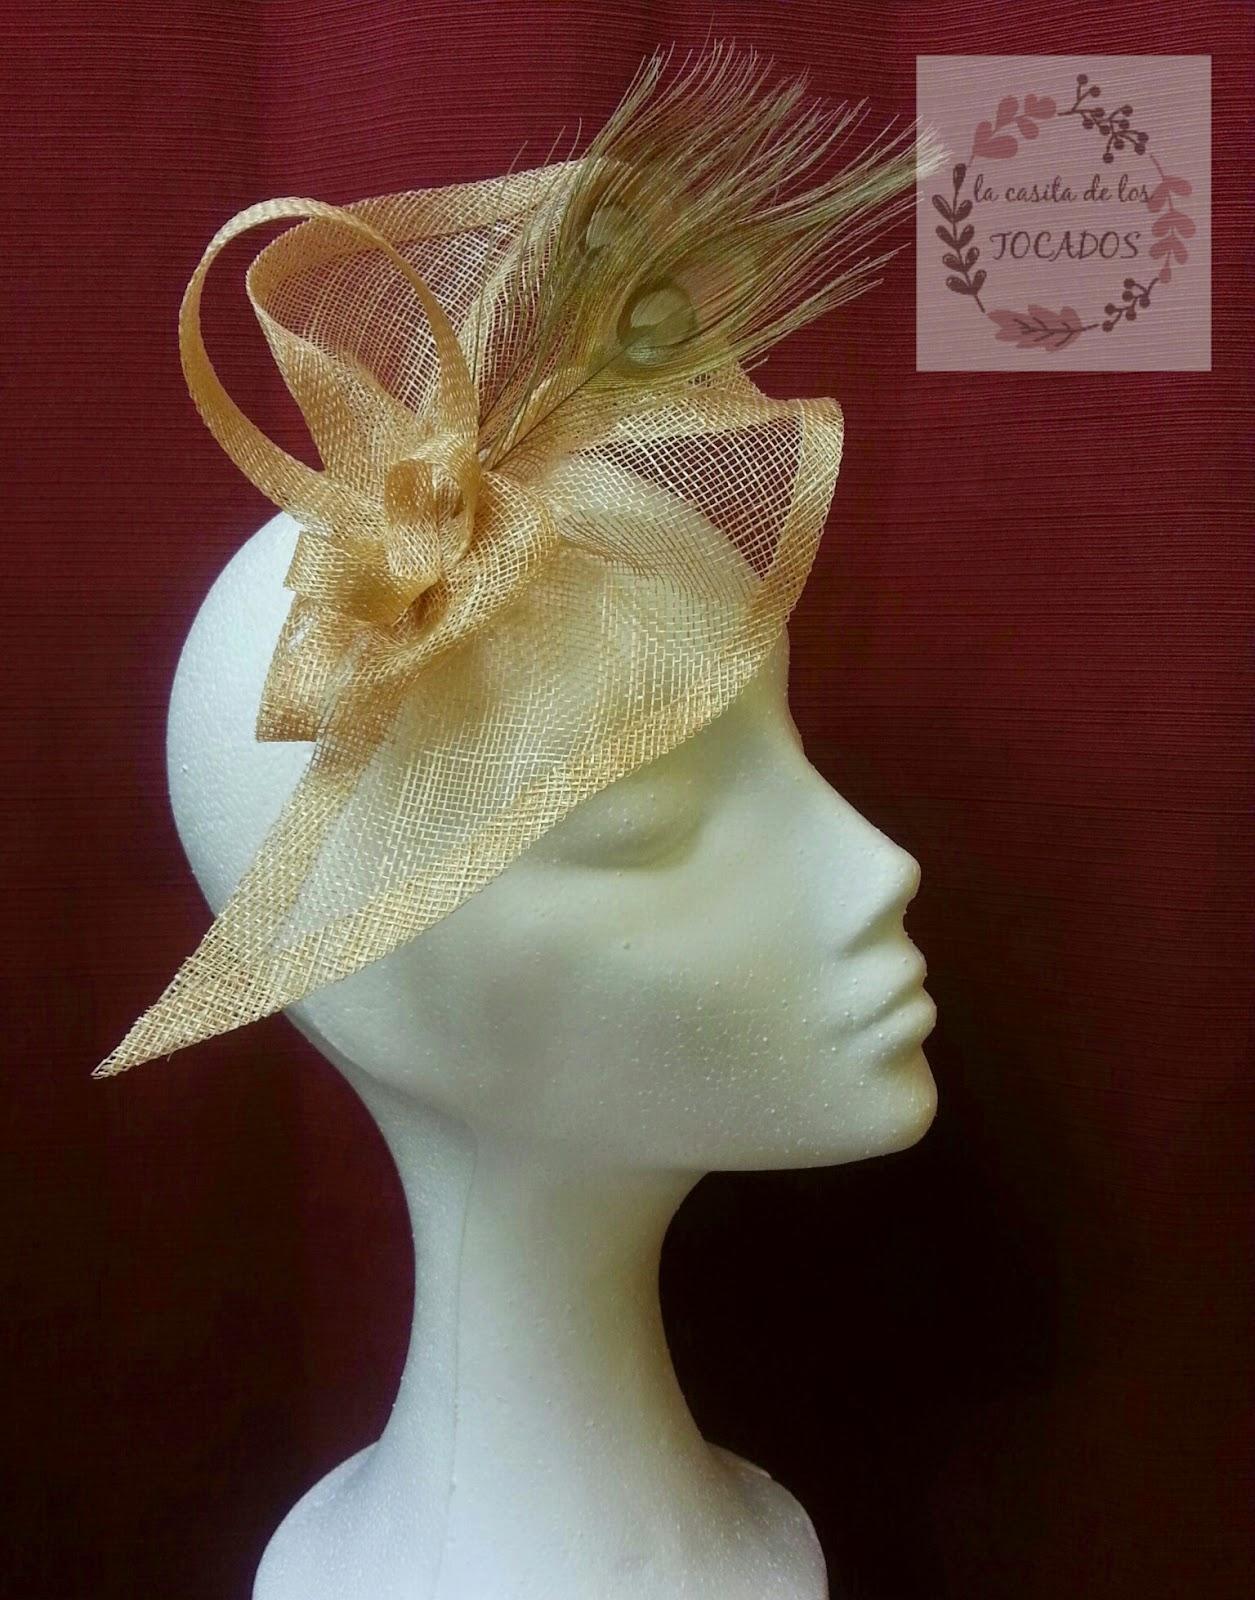 tocado original para boda con forma a pico en color dorado con dos plumas de pavo real también en dorado